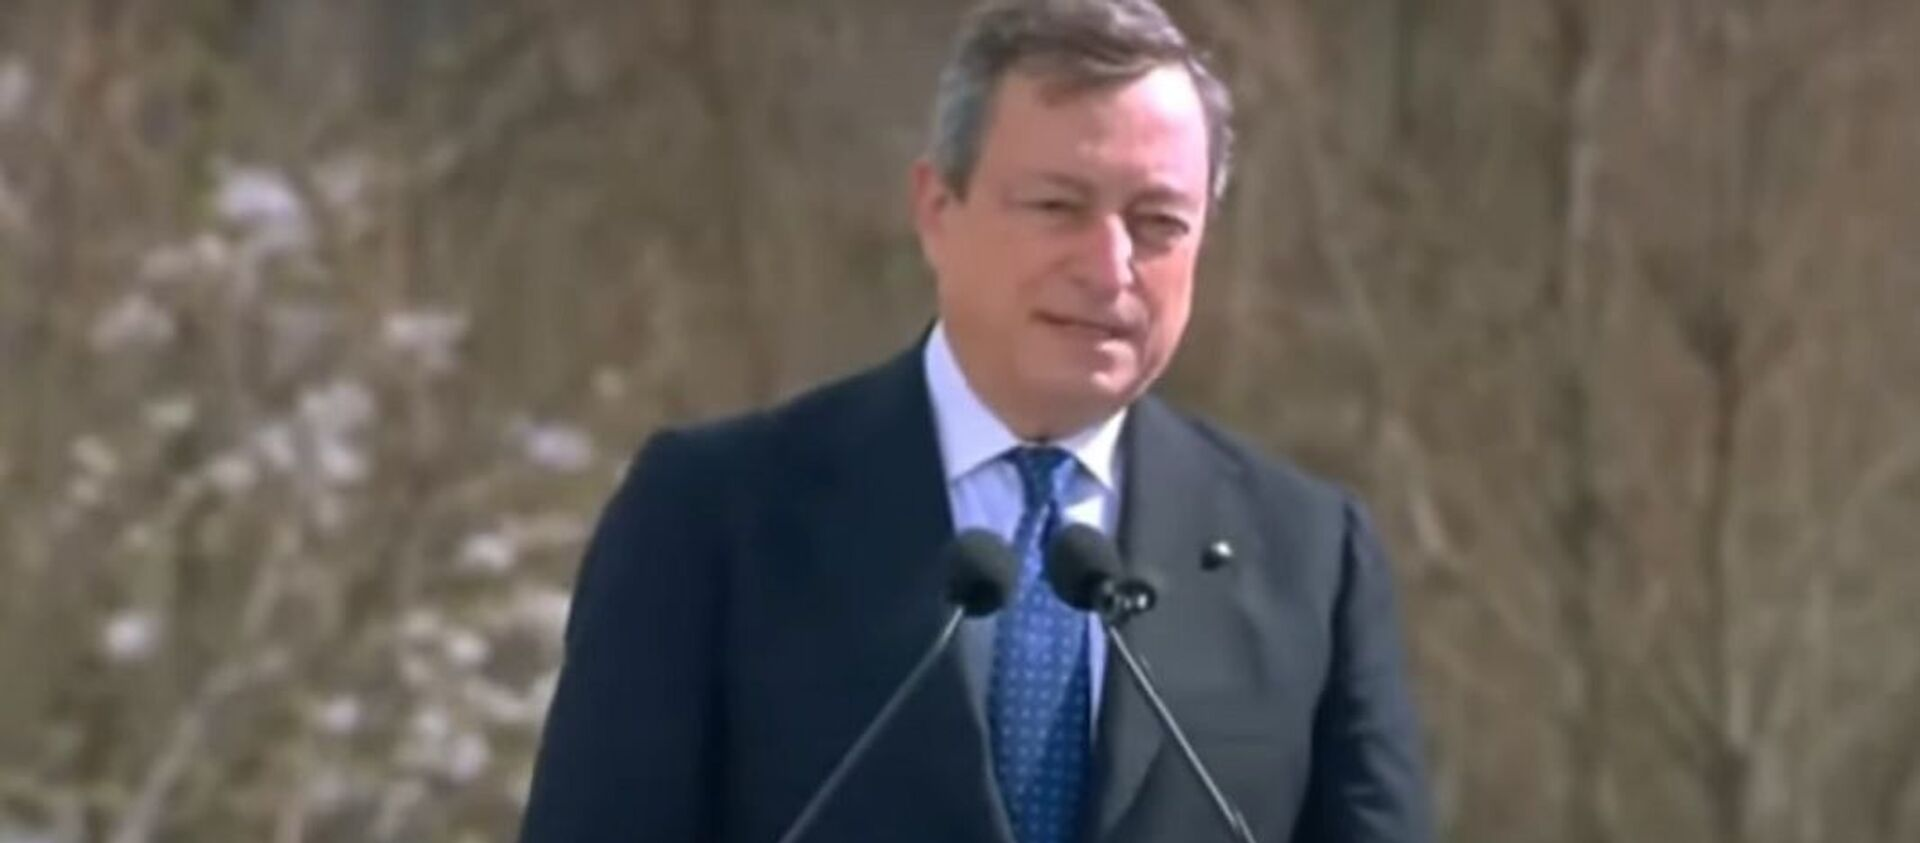 Mario Draghi è a Bergamo in occasione della Giornata nazionale in memoria delle vittime dell'epidemia di Coronavirus - Sputnik Italia, 1920, 18.03.2021